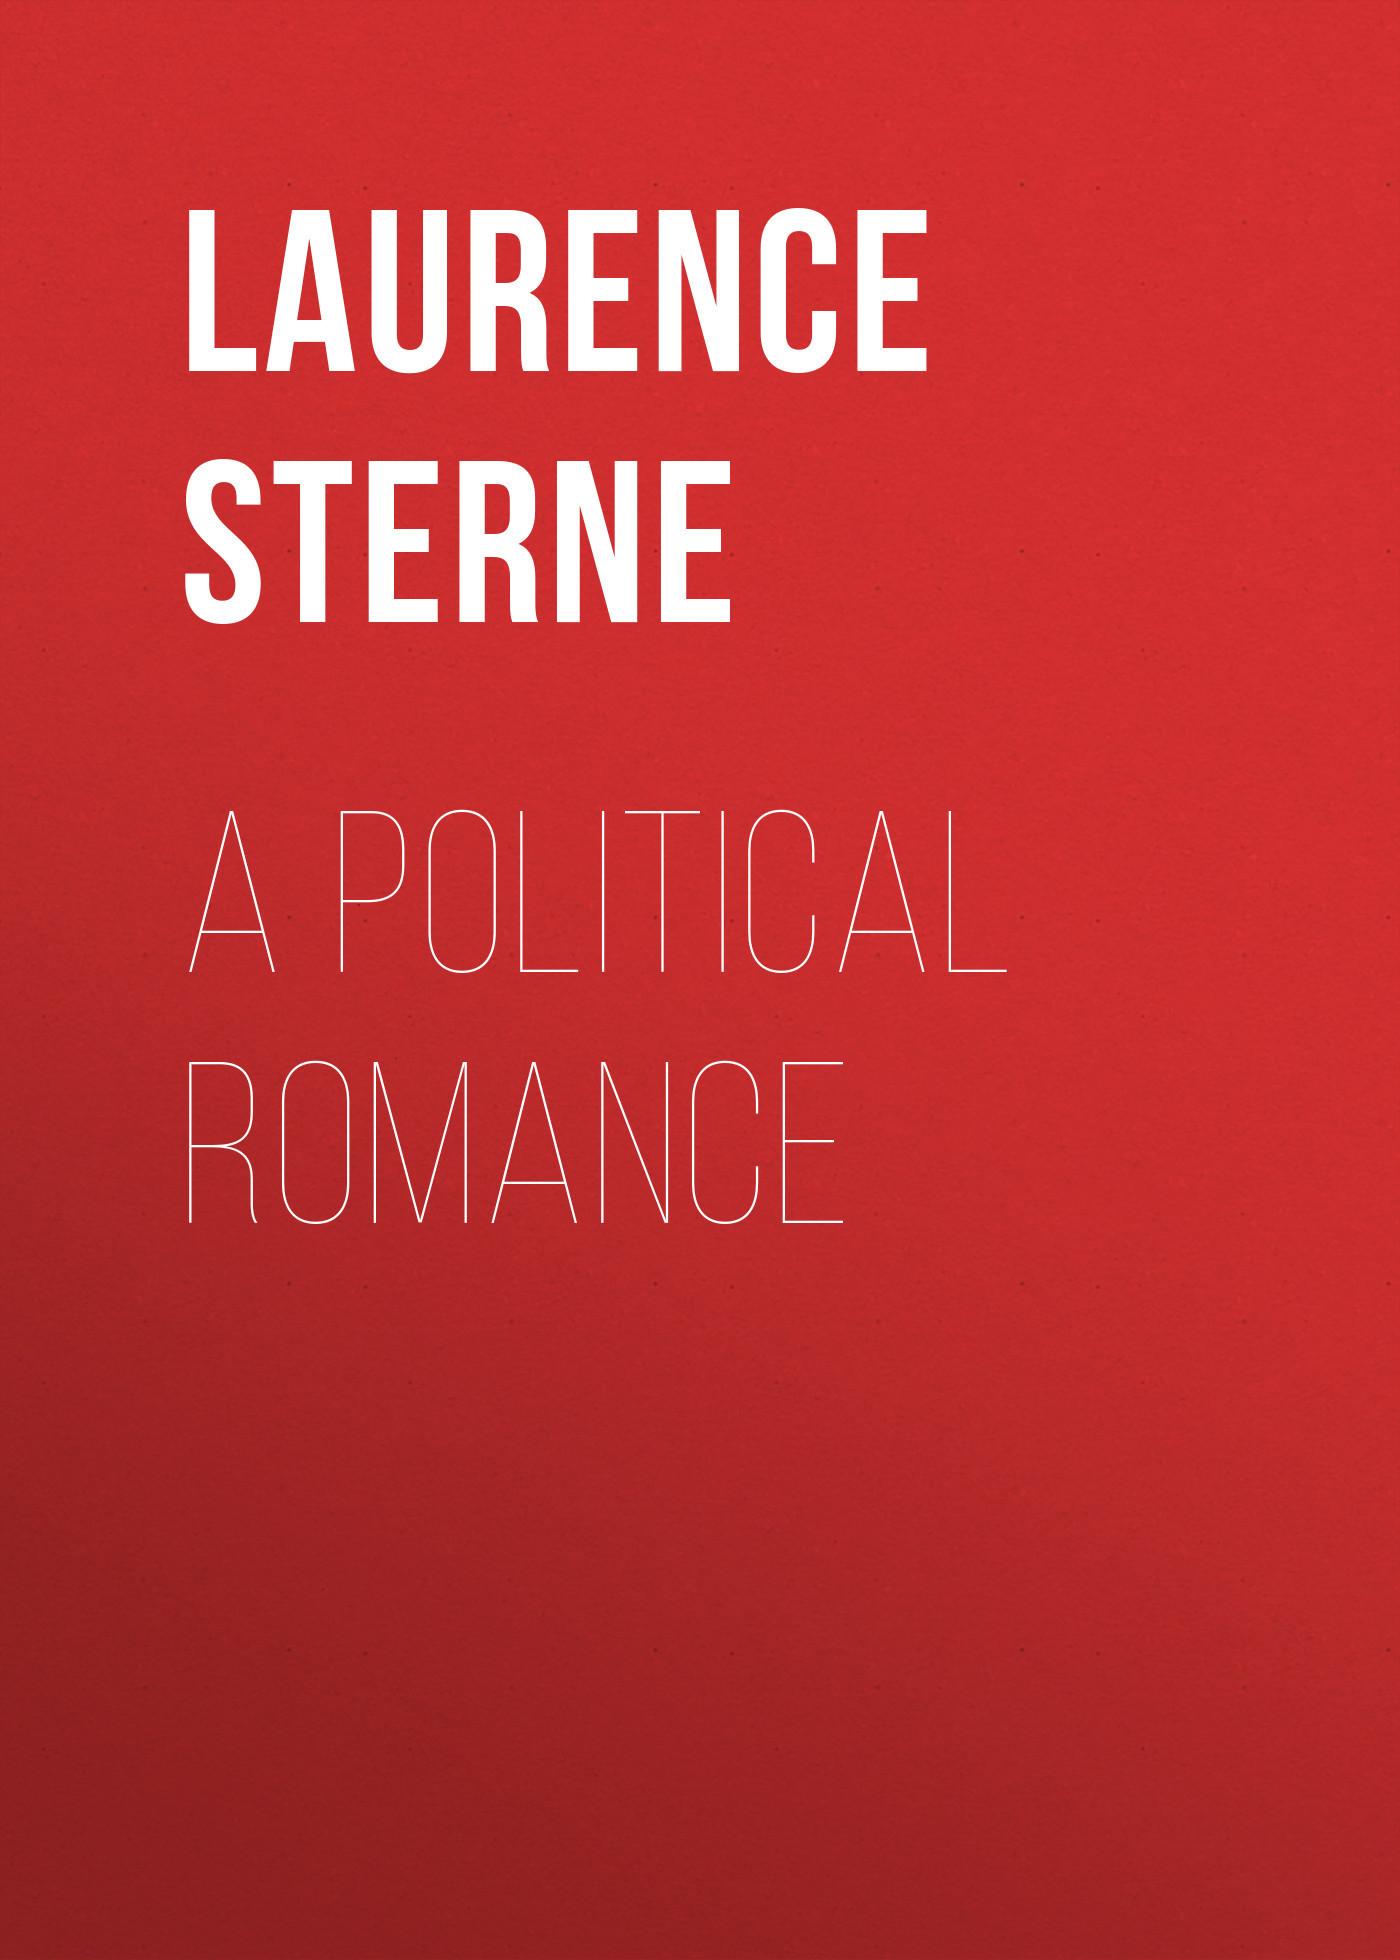 Laurence Sterne A Political Romance political romanticism paper